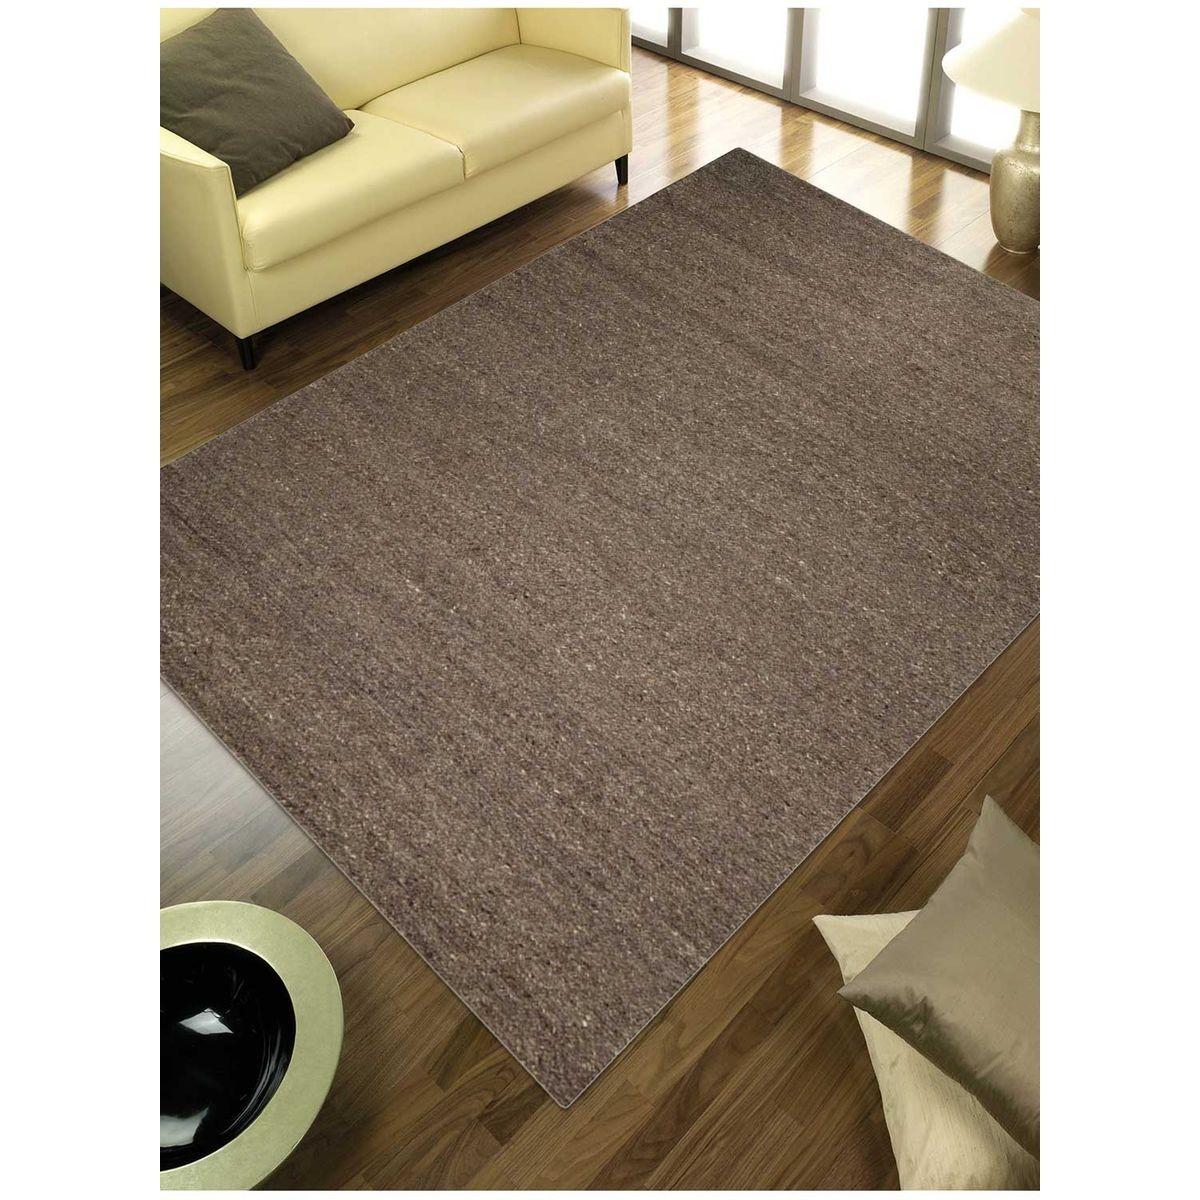 Tapis Salon Couleur Rouille tapis de salon tapis moderne design look 406 ivoire - laine